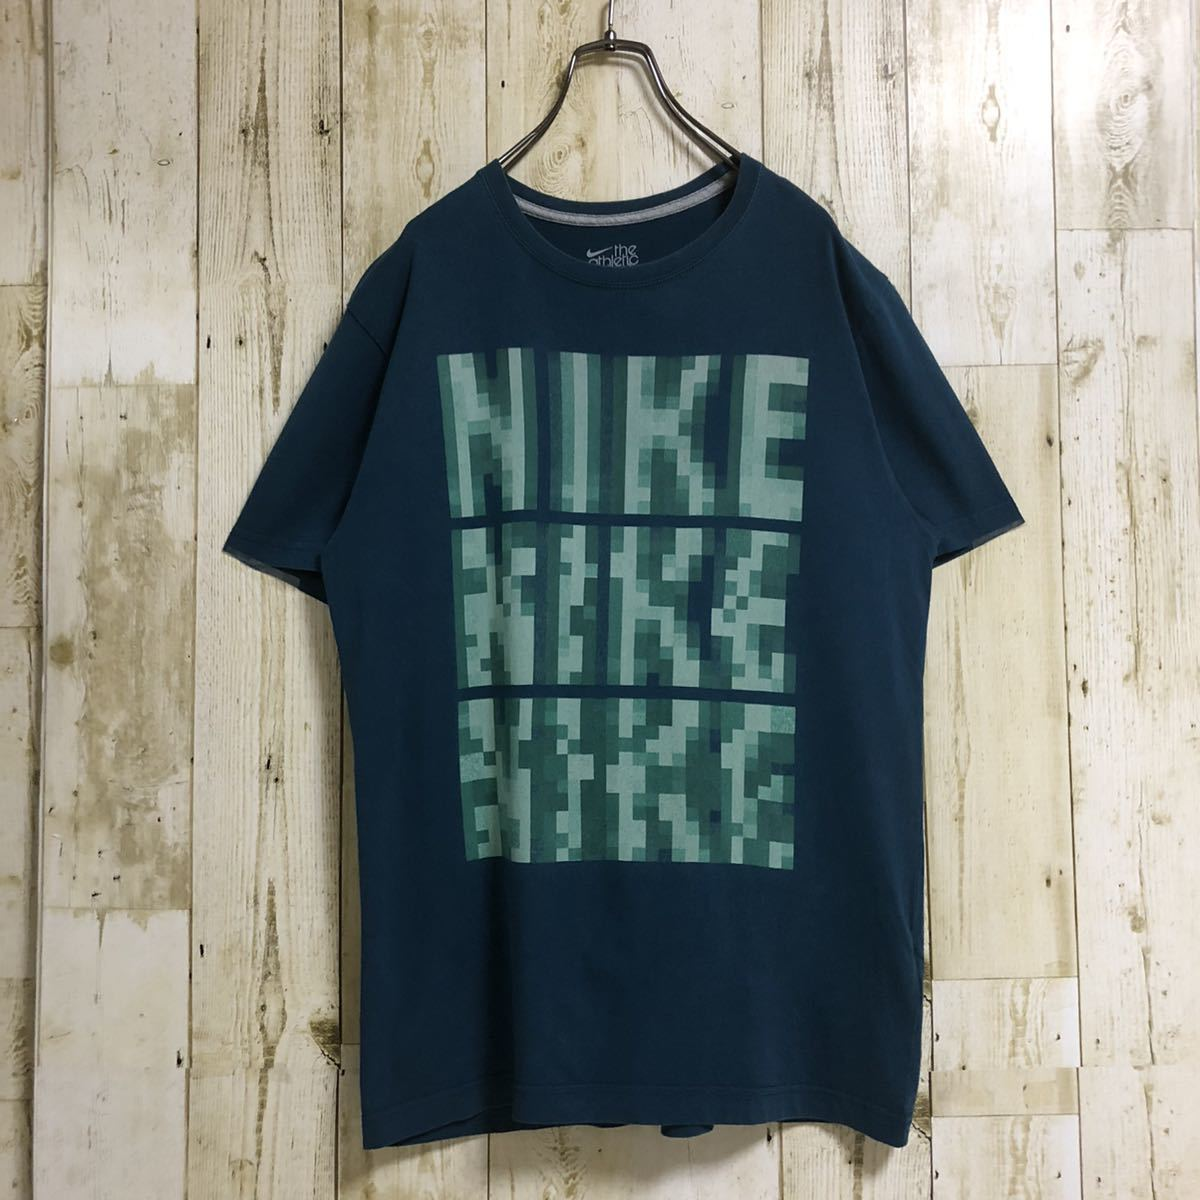 NIKE ナイキ ザ アスレチック デプト ポリゴン 3連ロゴ ビッグロゴ ビッグプリント 半袖Tシャツ Tee ターコイズブルー 人気カラー L 古着